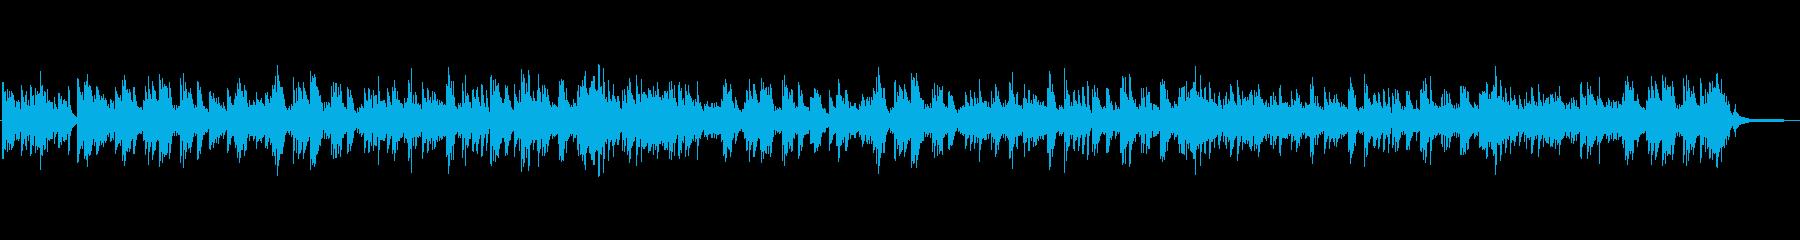 エレガントで端正なピアノとストリングスの再生済みの波形